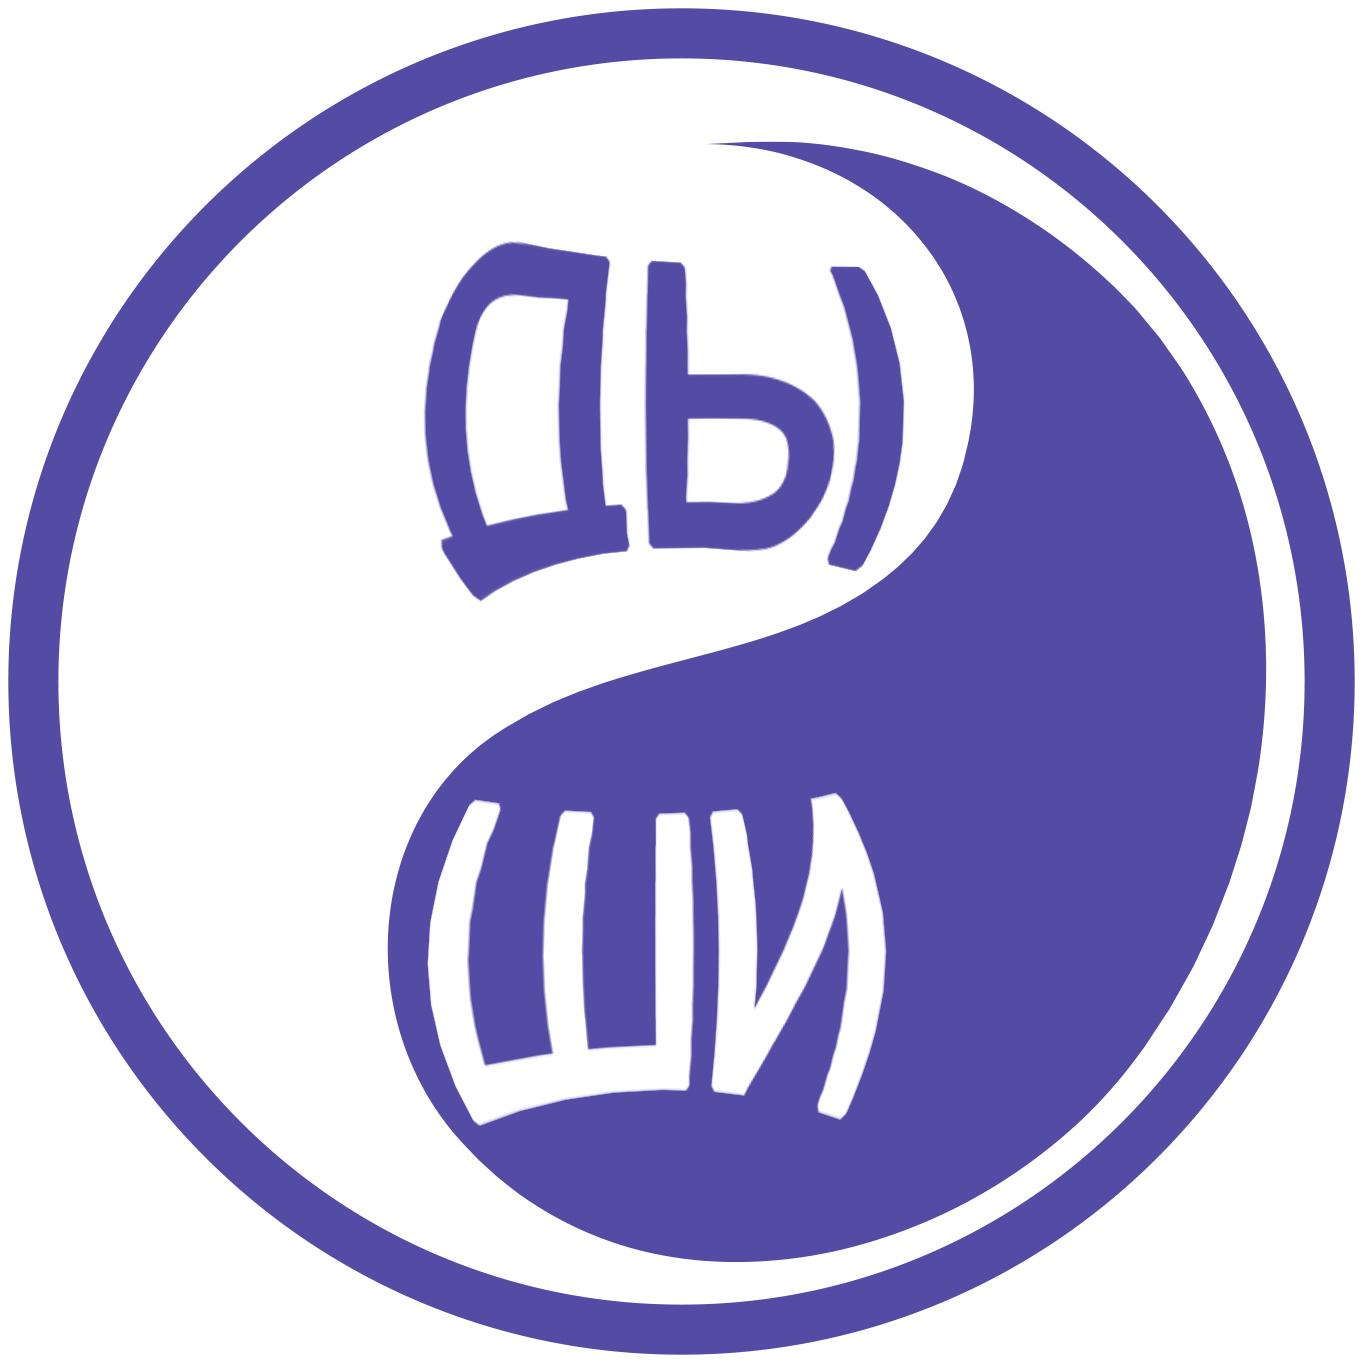 """Логотип для студии """"Дыши""""  и фирменный стиль фото f_82956f05a293dc40.jpg"""